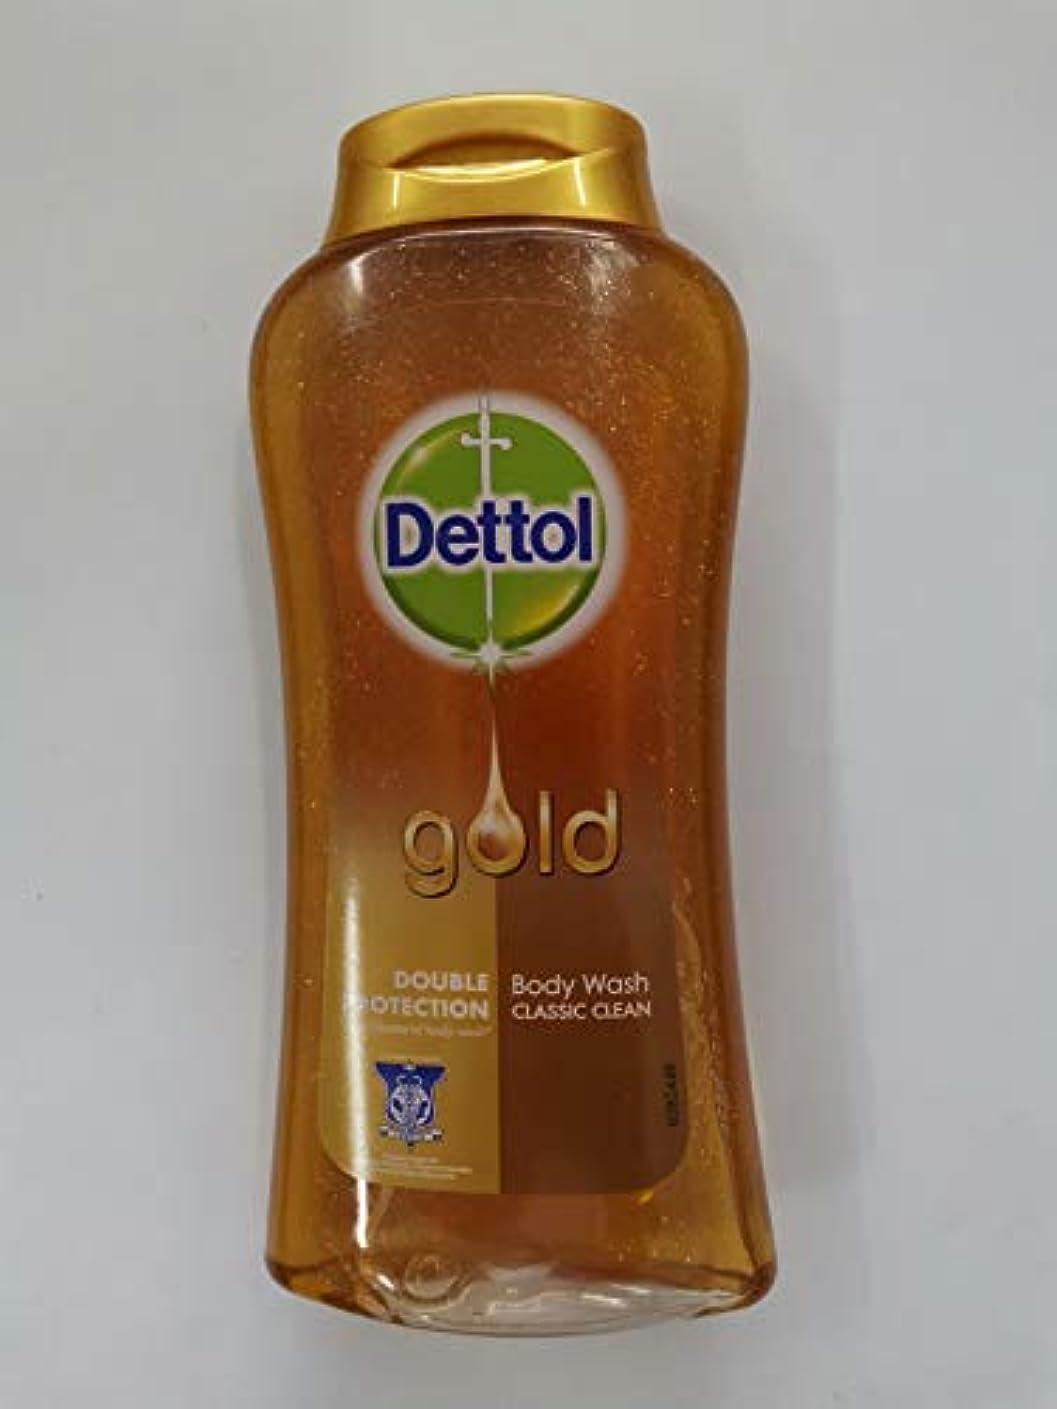 蒸気不規則な誘うDettol クラシッククリーンボディローション250ミリリットル - 細菌非食用風呂-kills 99.9% - 毎日の細菌を防ぎます